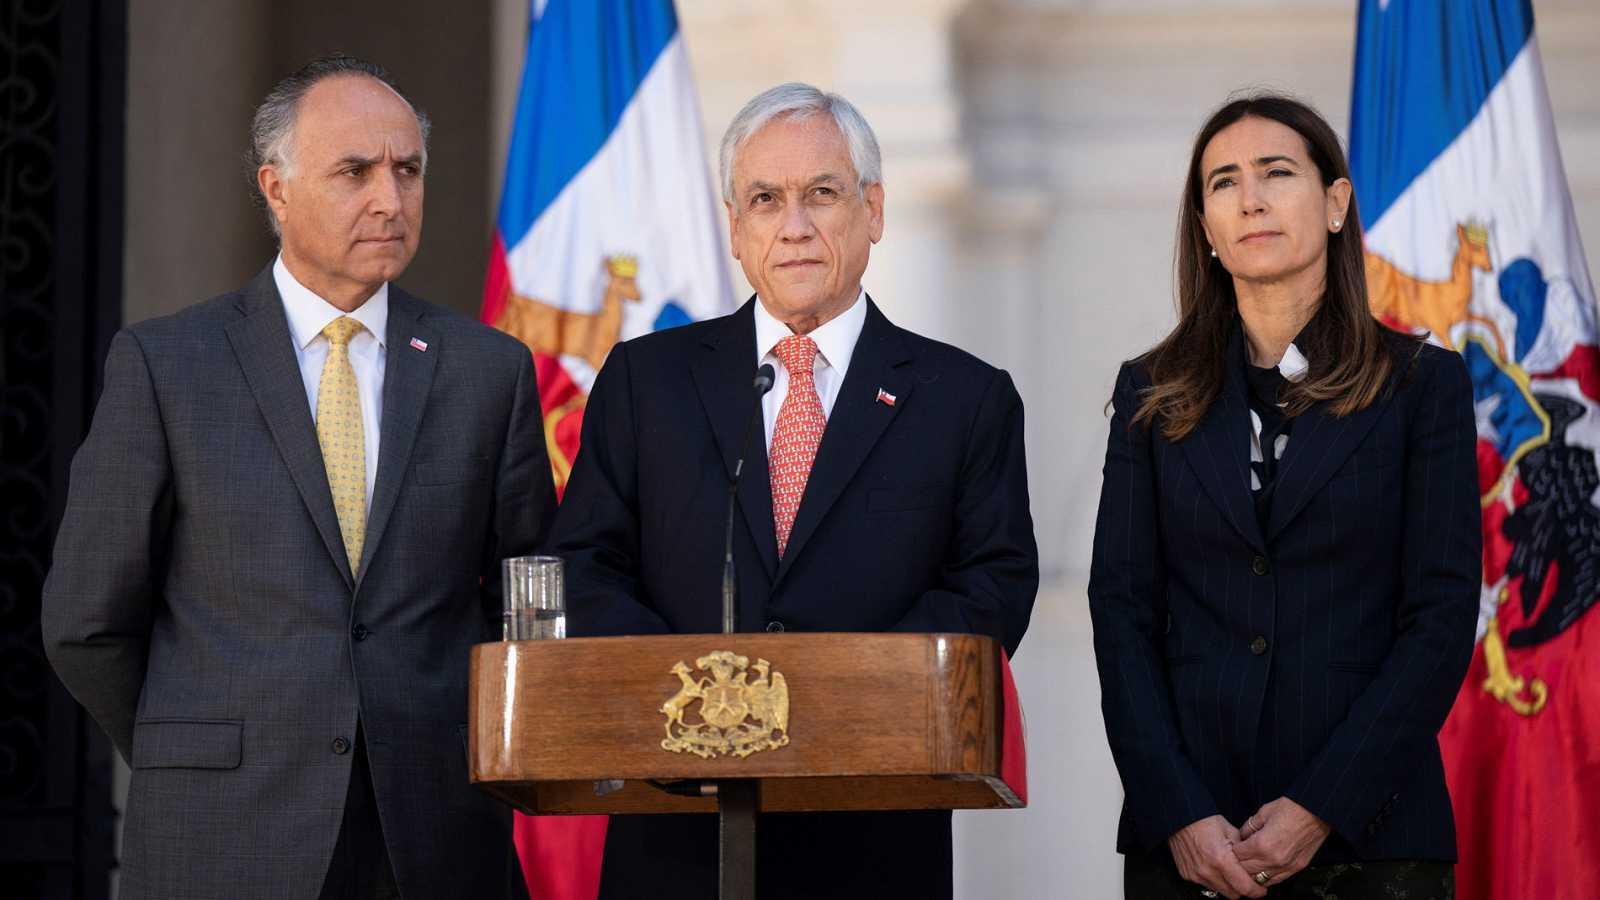 Fotografía cedida por la Presidencia de Chile que muestra al presidente Sebastián Piñera en el centro, acompañado de la ministra de Medio Ambiente, Carolina Schmidt, y el ministro de Exteriores, Teodoro Ribera